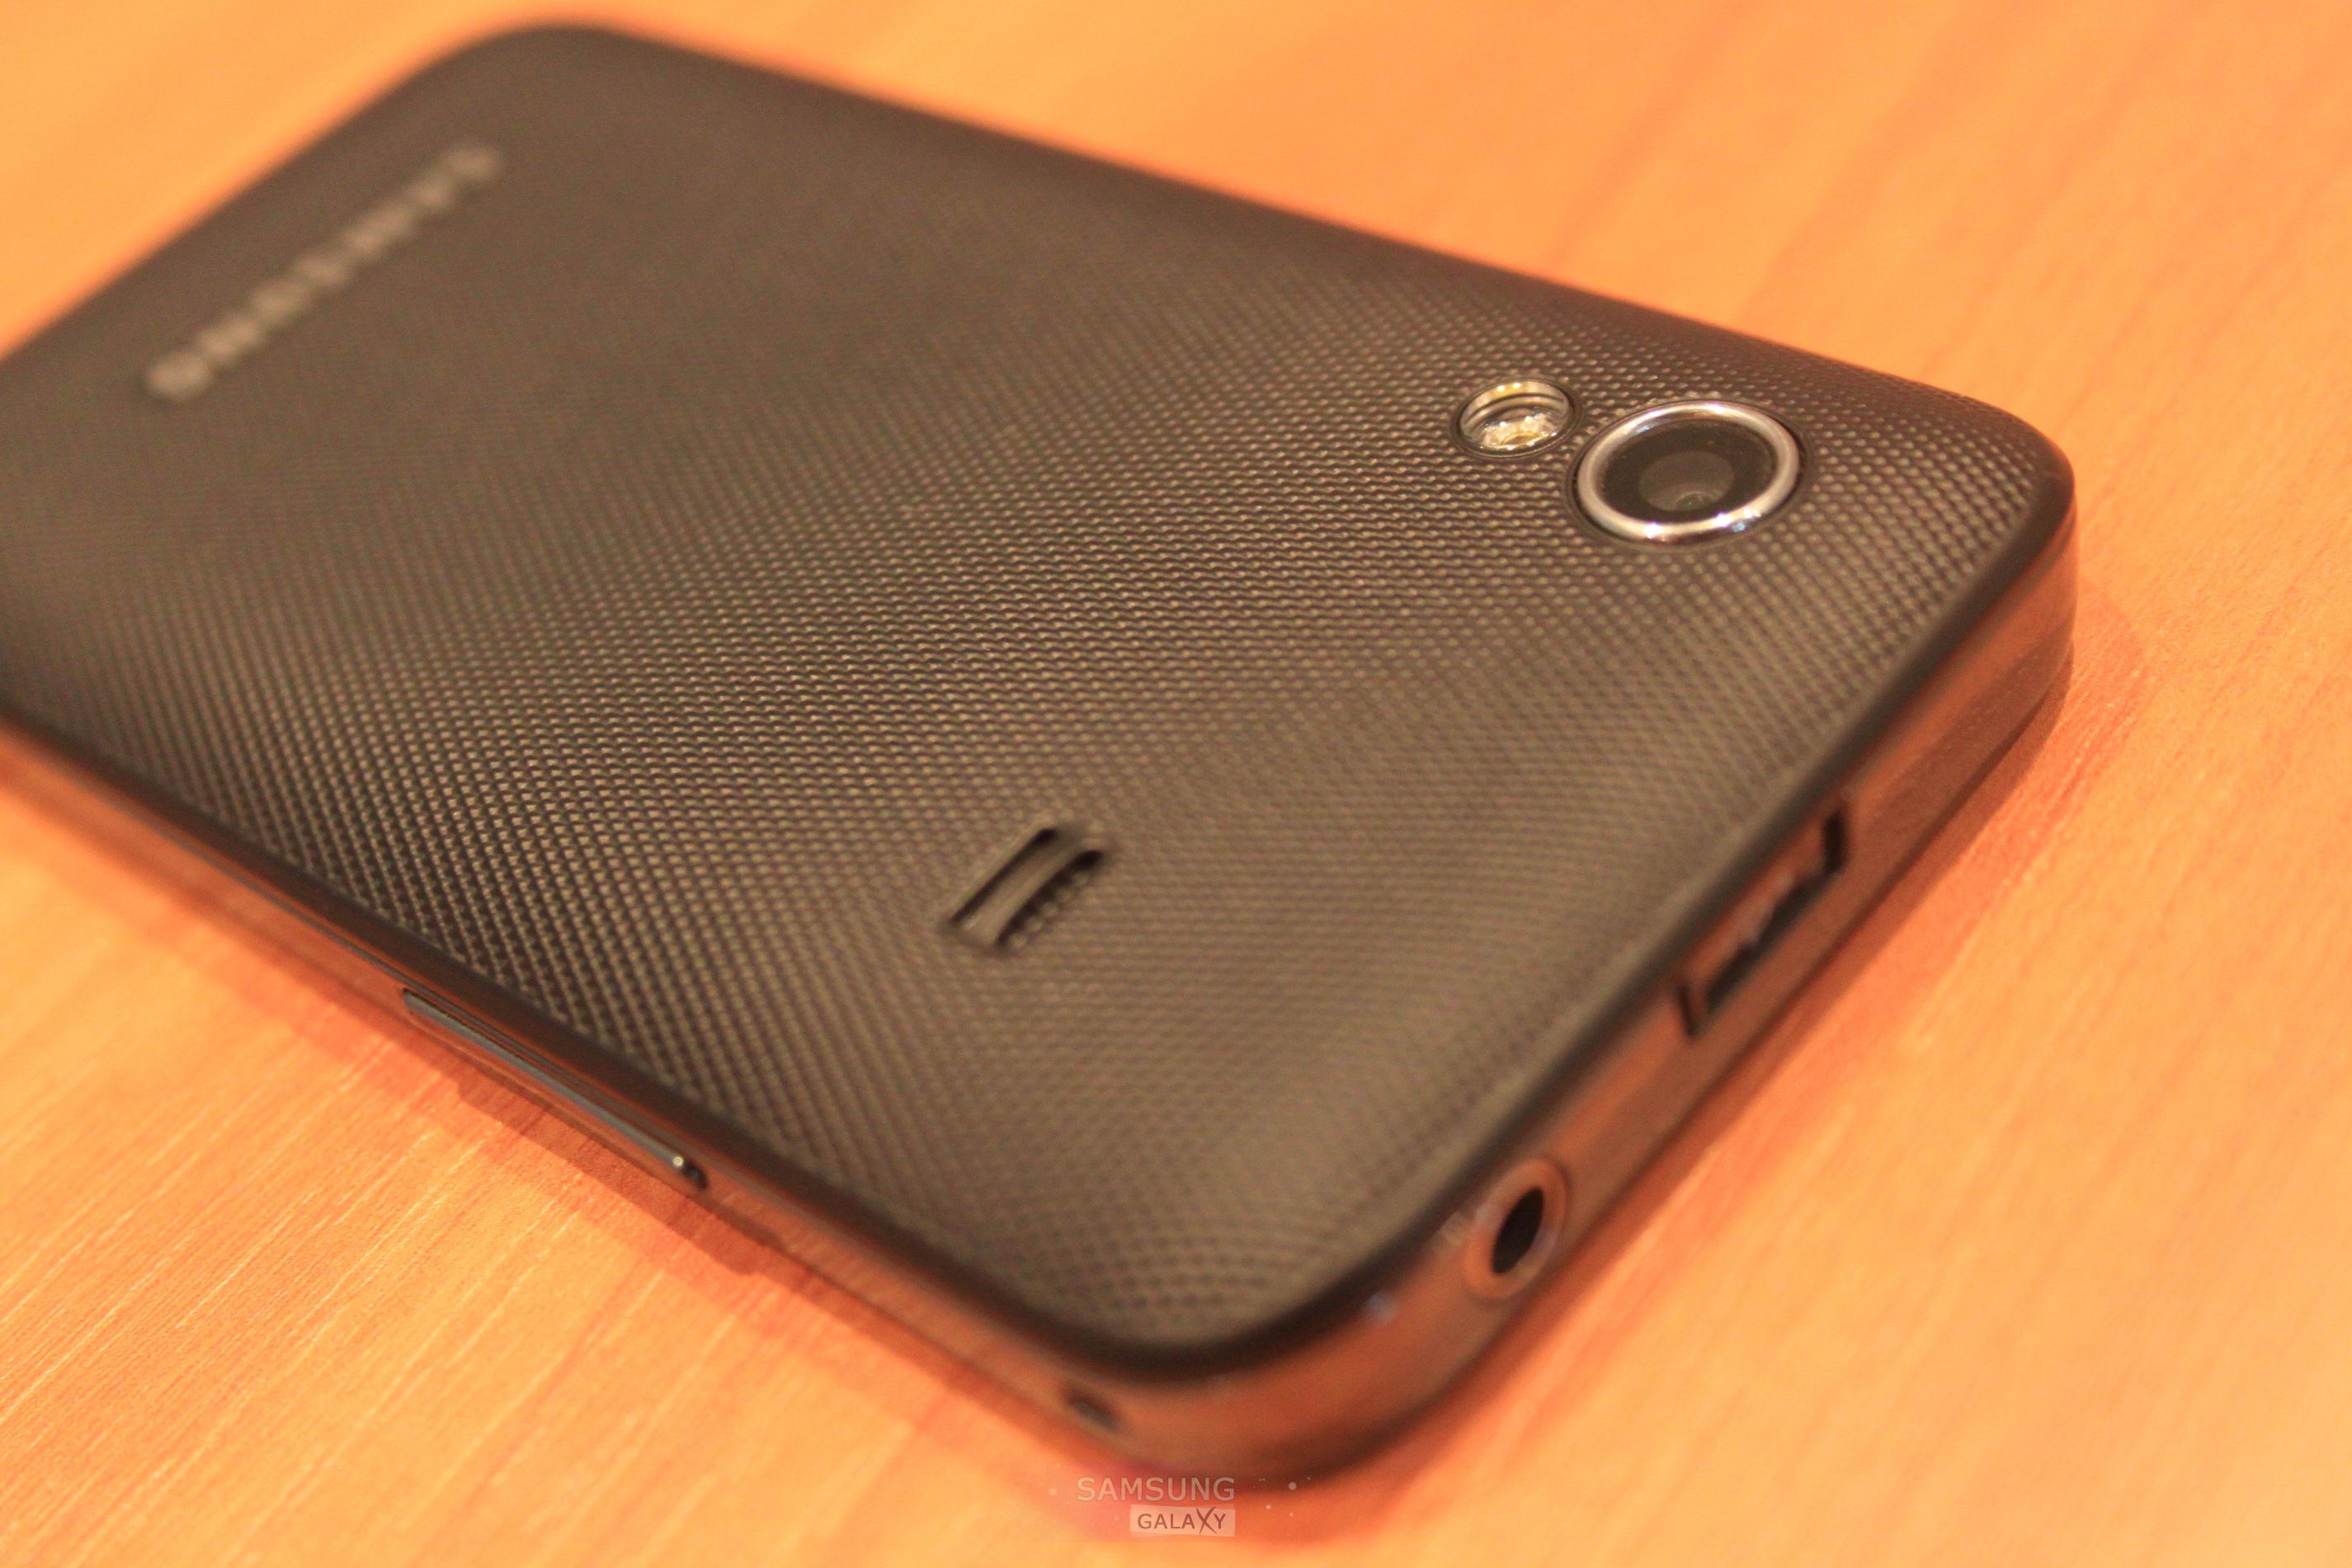 Samsung galaxy ace 2 официальная прошивка скачать